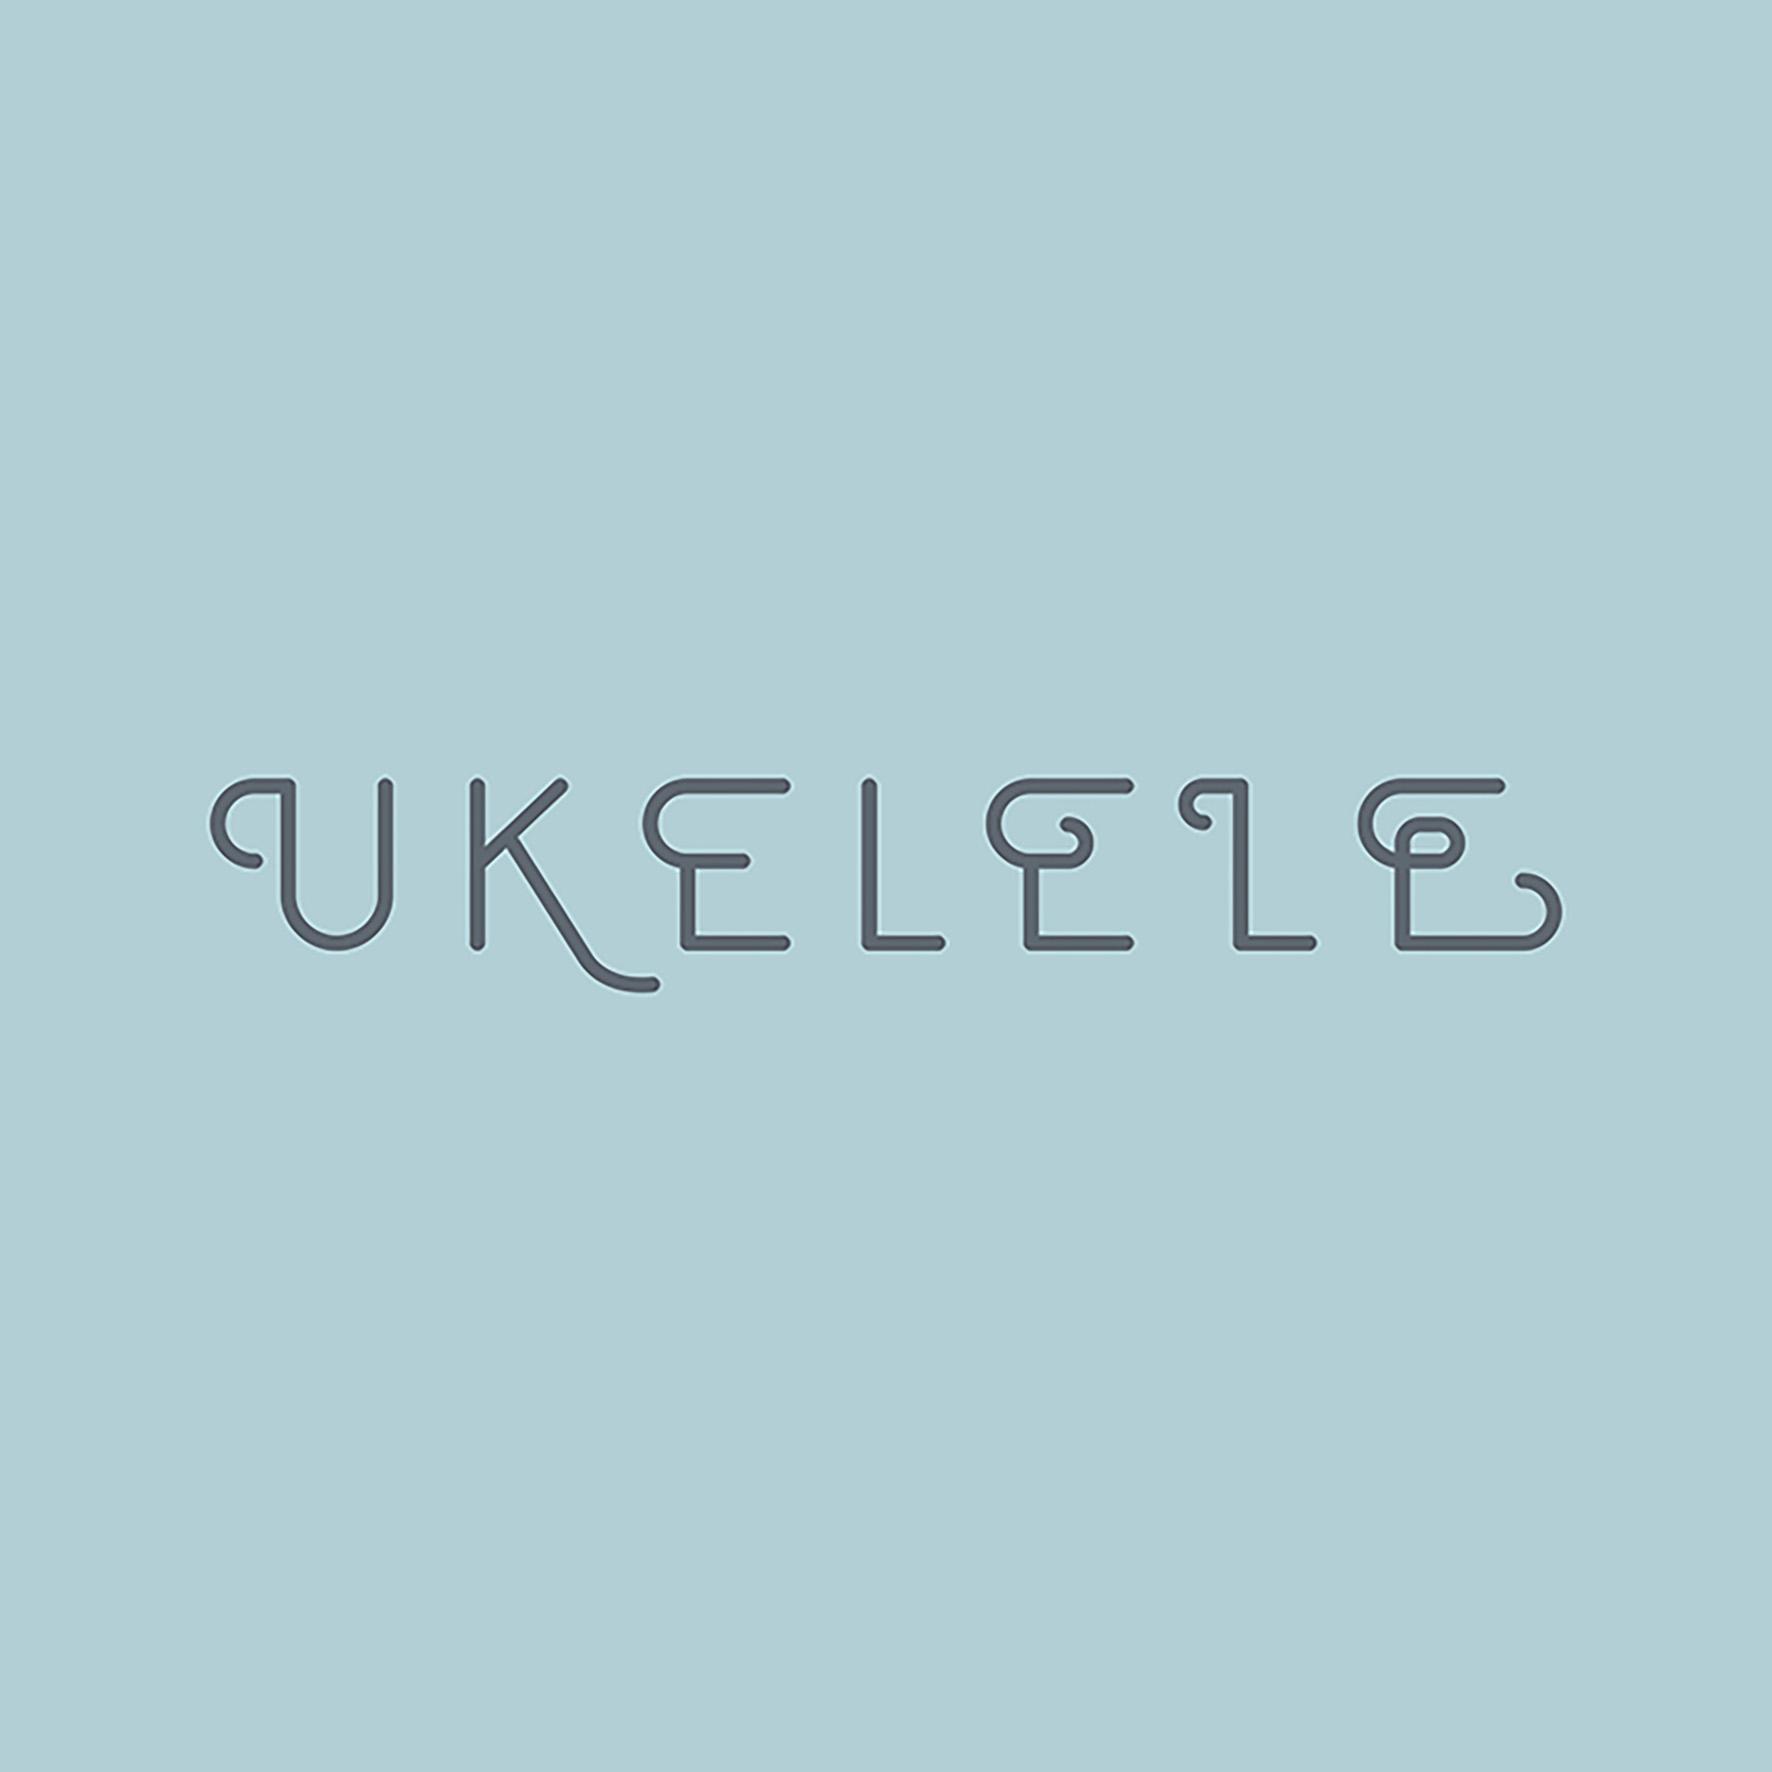 Logo Ukelele